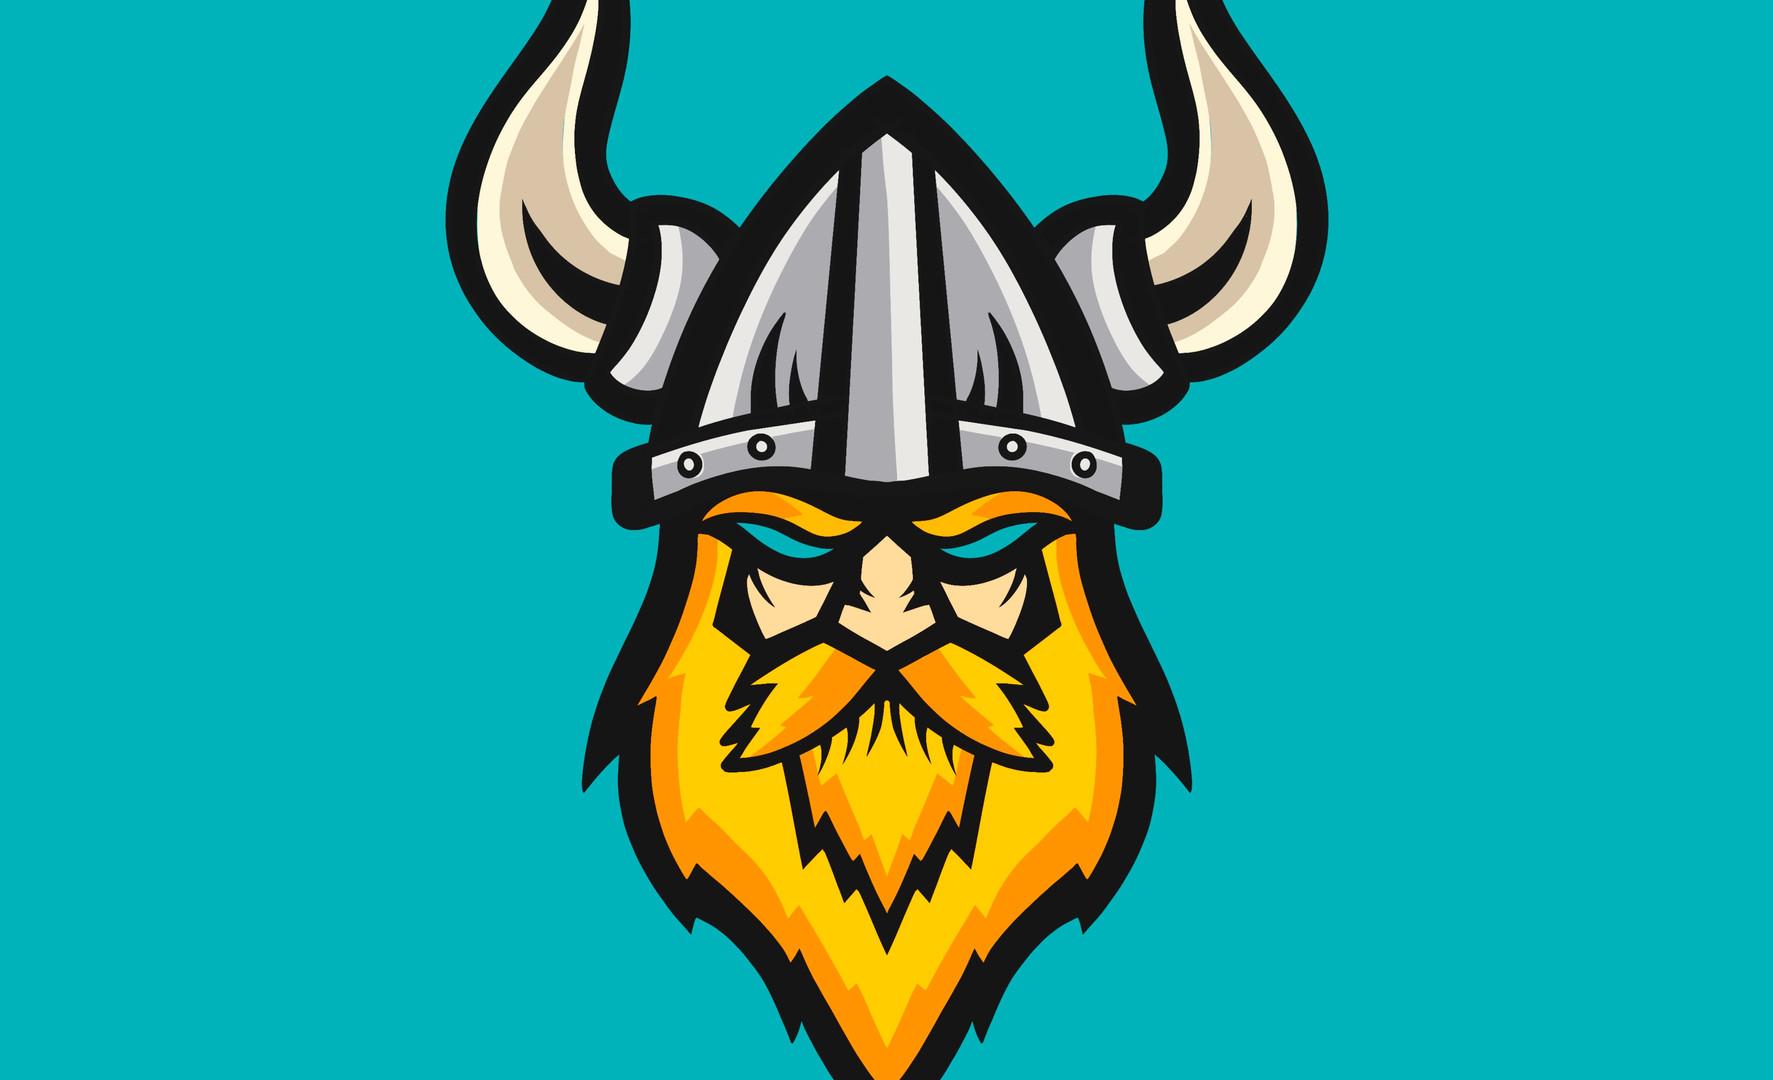 Vikings2.jpg